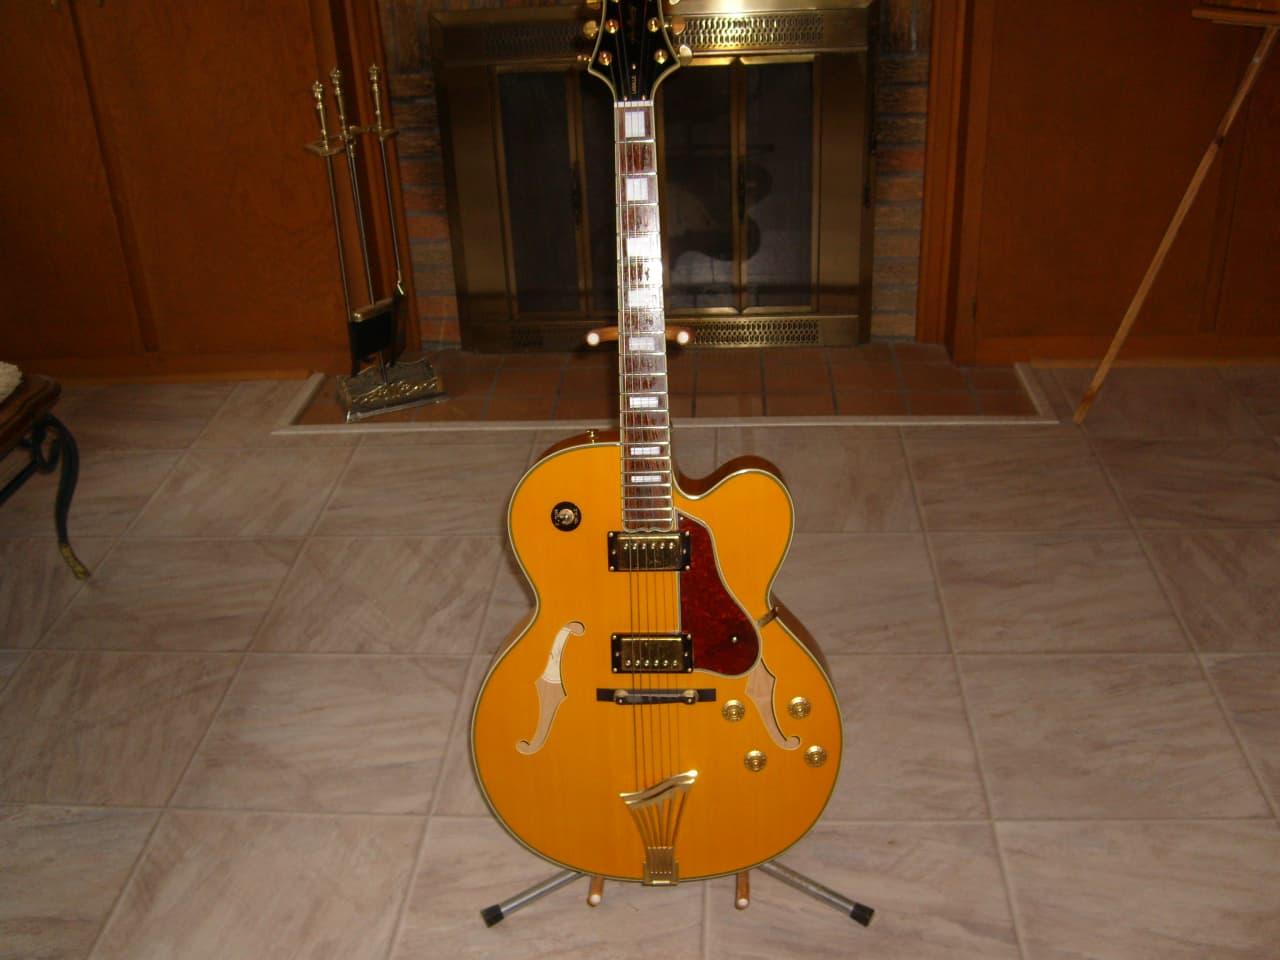 samick greg bennett jz2 amber archtop guitar carl 39 s reverb. Black Bedroom Furniture Sets. Home Design Ideas